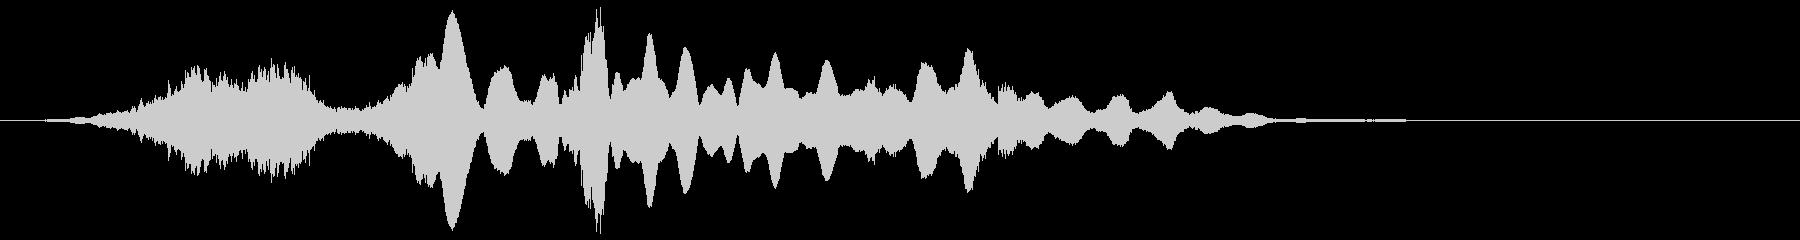 【映画演出】ベル音が印象的_ホラー映像の未再生の波形